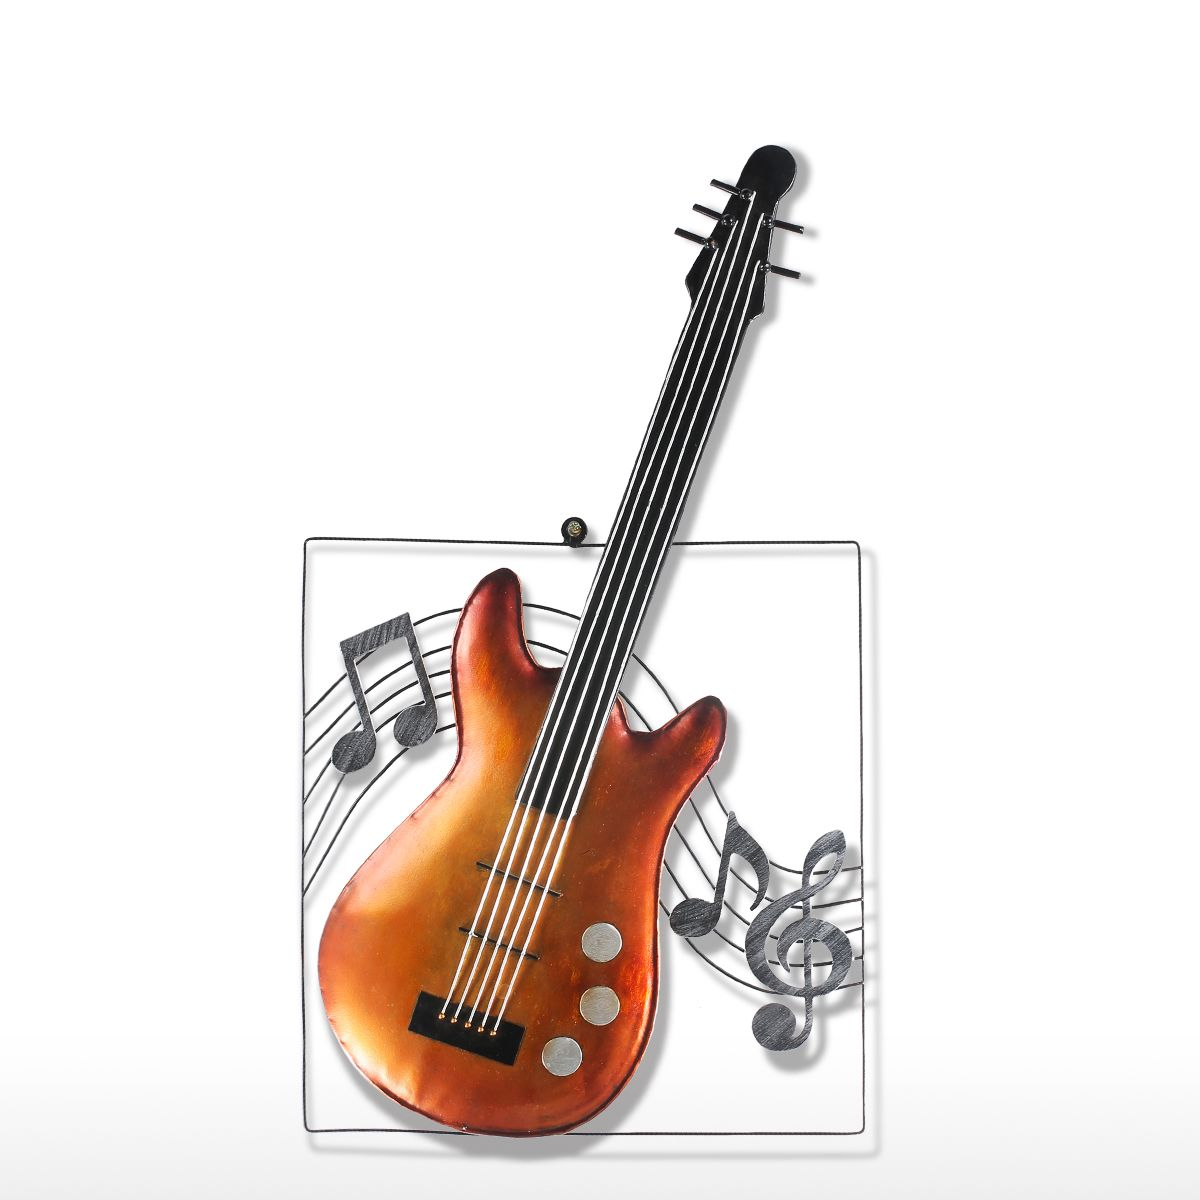 guitare mur accrocher promotion achetez des guitare mur accrocher promotionnels sur aliexpress. Black Bedroom Furniture Sets. Home Design Ideas